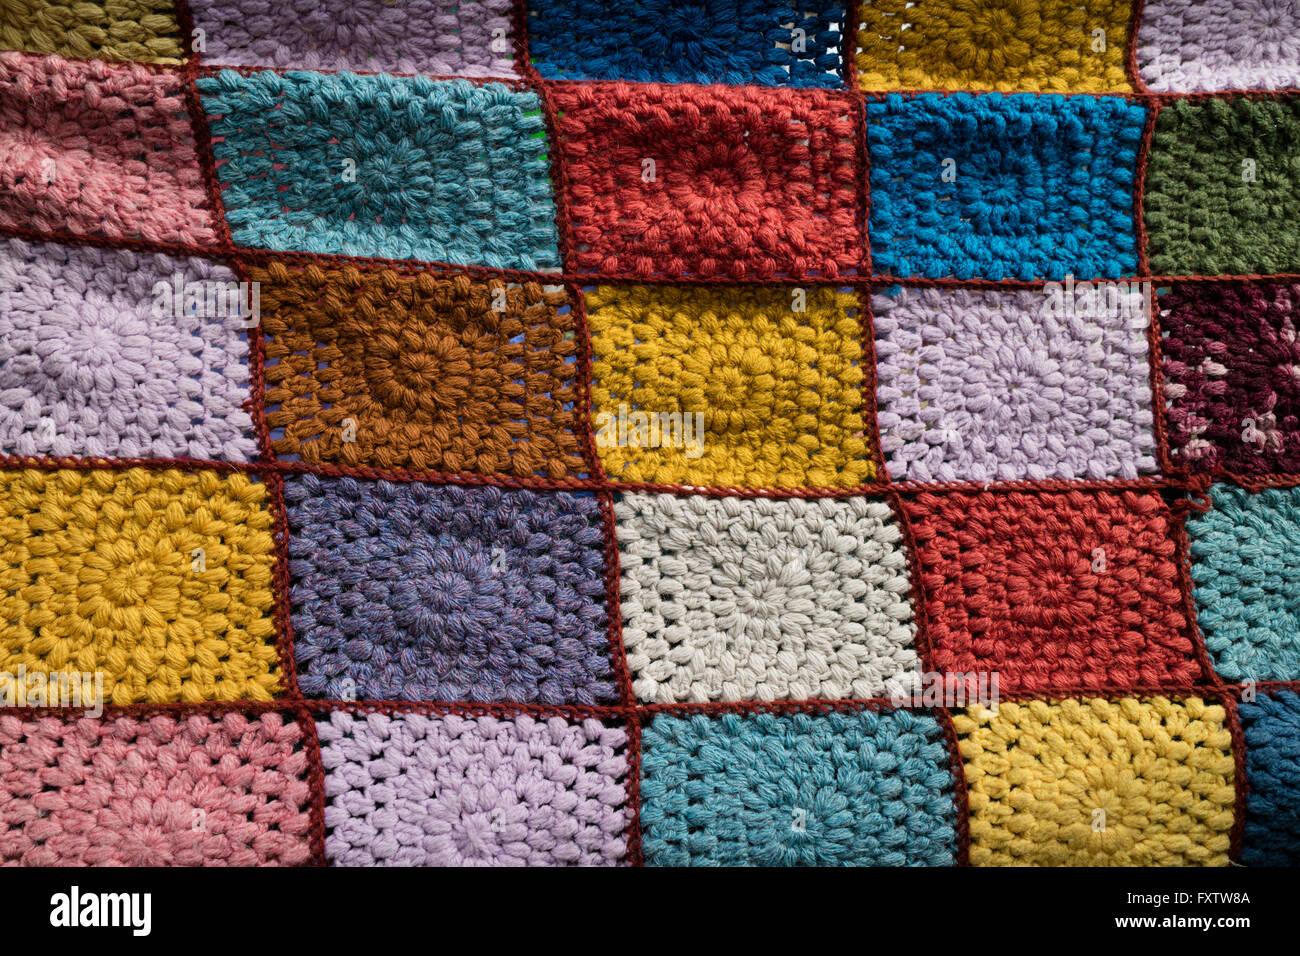 Bunte Handarbeit häkeln Decke auf dem Markt Stockfoto, Bild ...